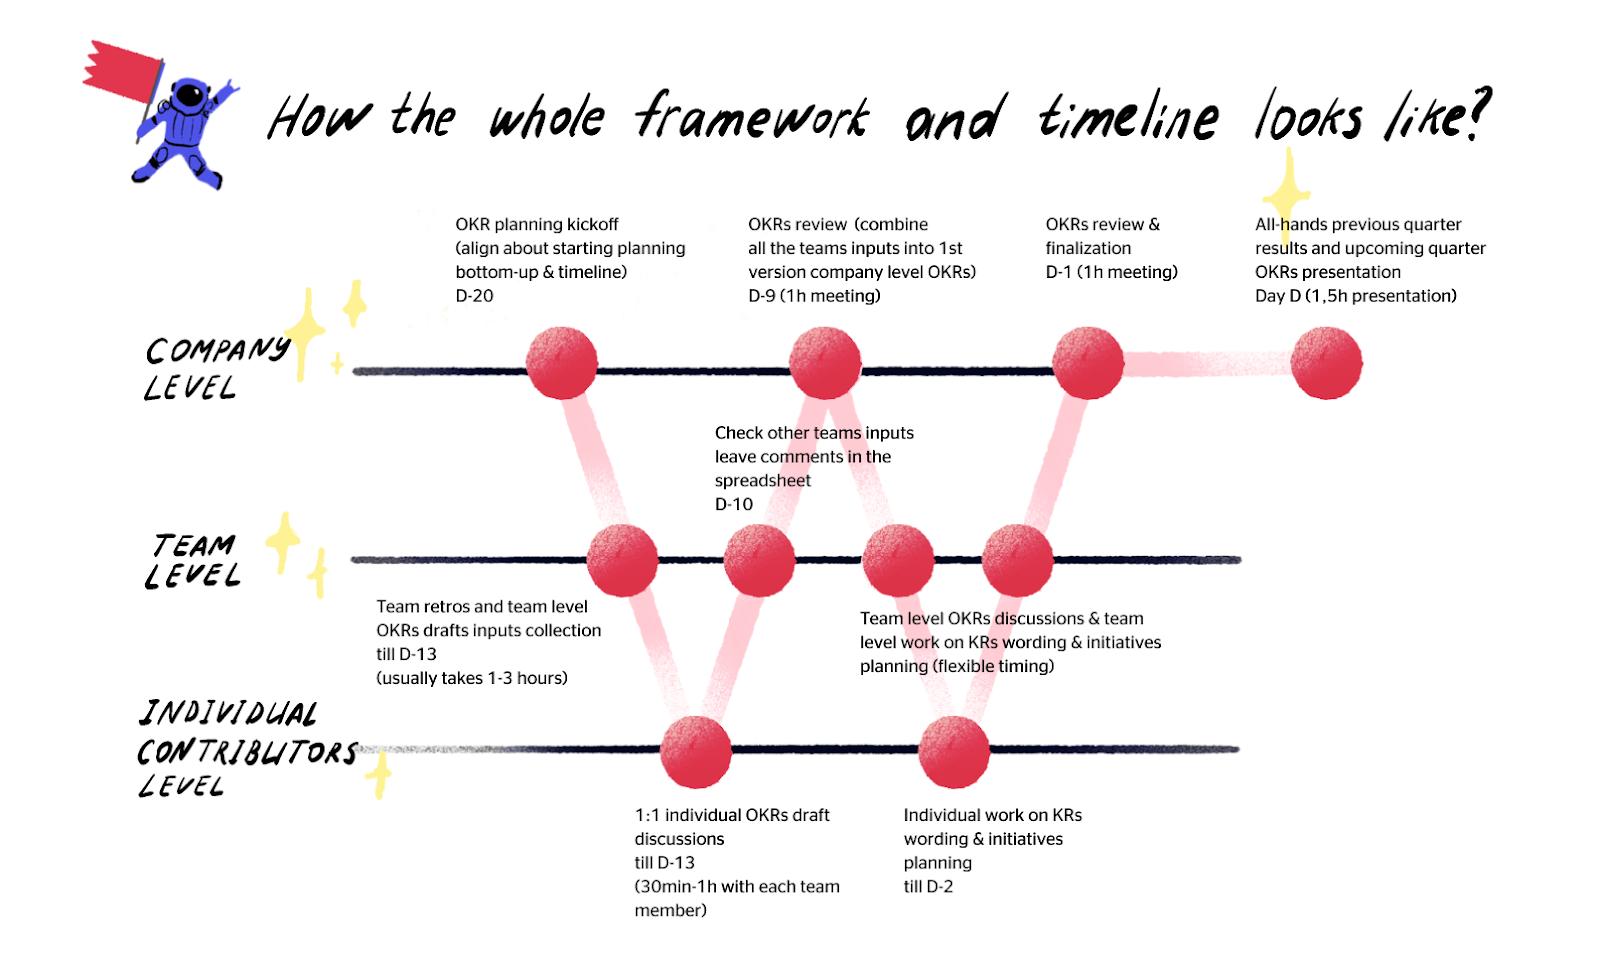 how the whole W framework and timeline looks like